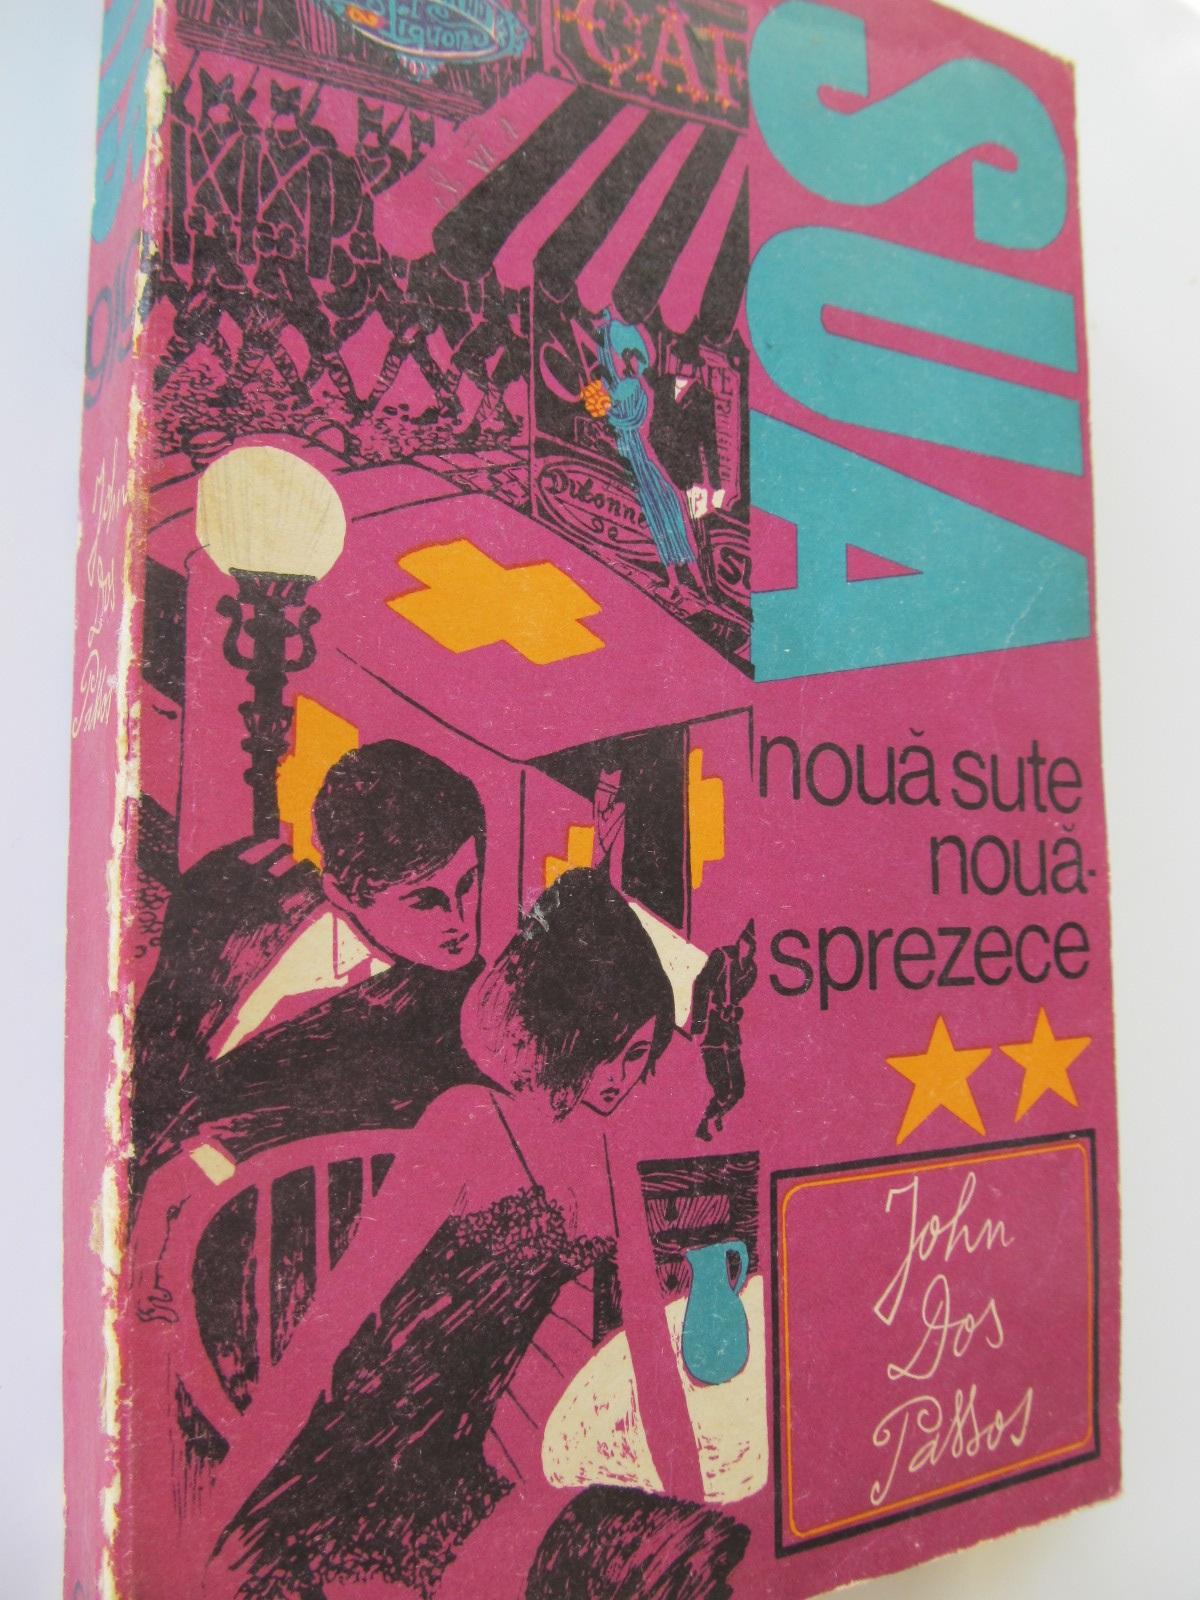 SUA - Noua sute nouasprezece (vol. 2) - John Dos Passos | Detalii carte